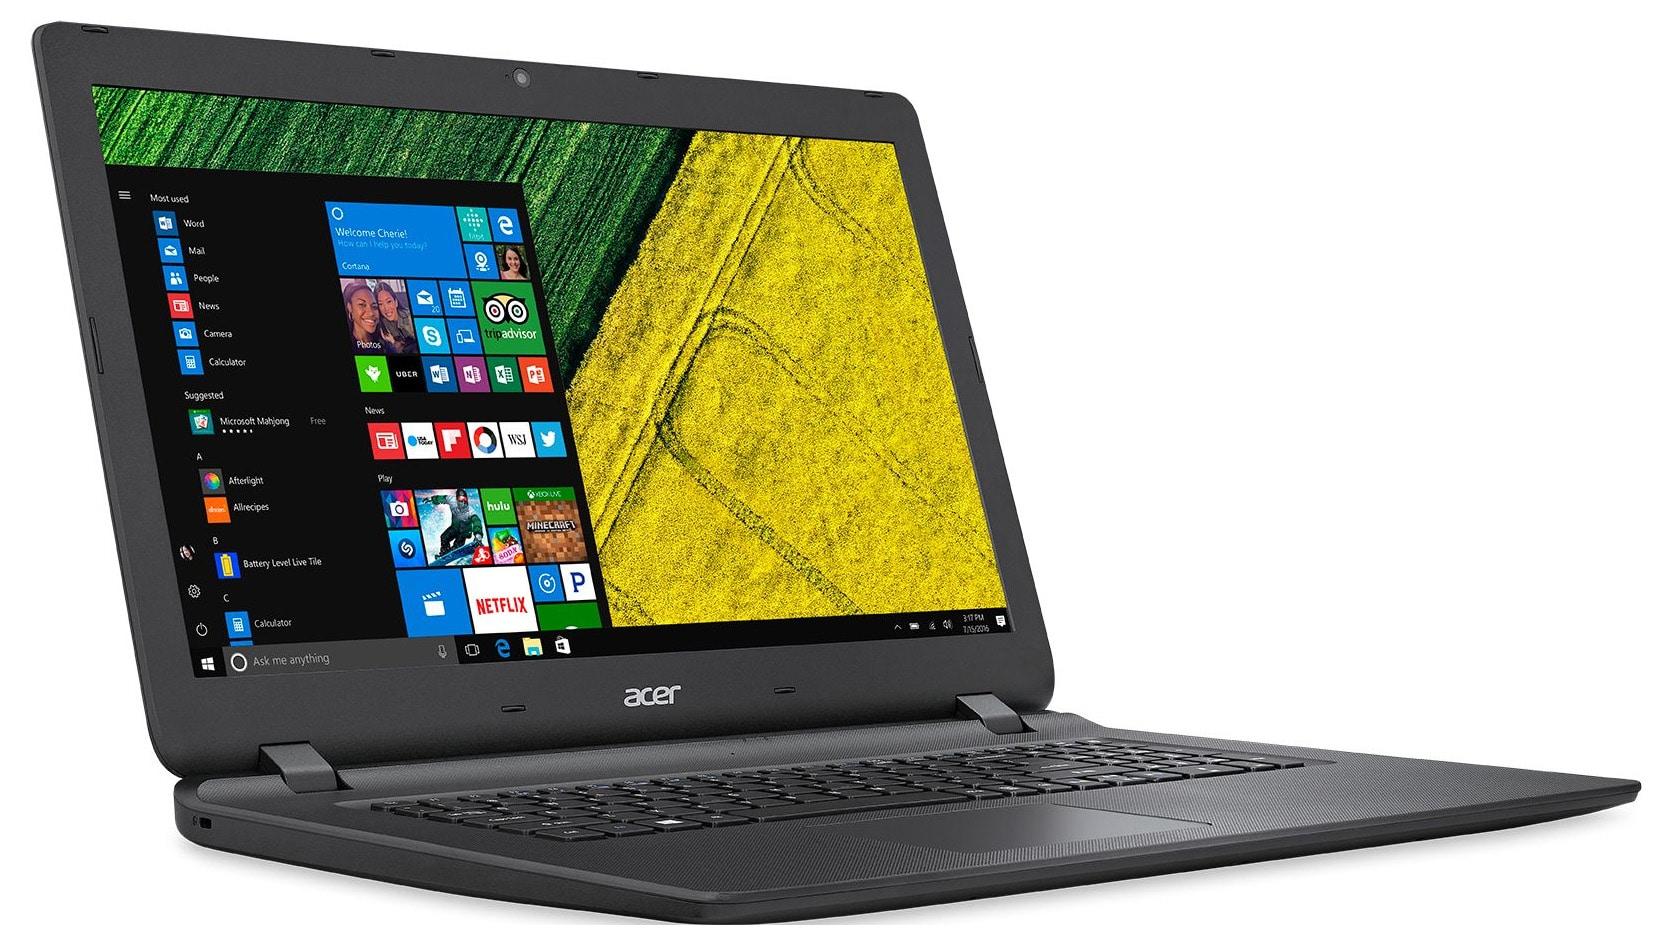 acer aspire es1 732 p8js pc portable 17 pouces apollo lake 8 go 1 to noir 479 laptopspirit. Black Bedroom Furniture Sets. Home Design Ideas